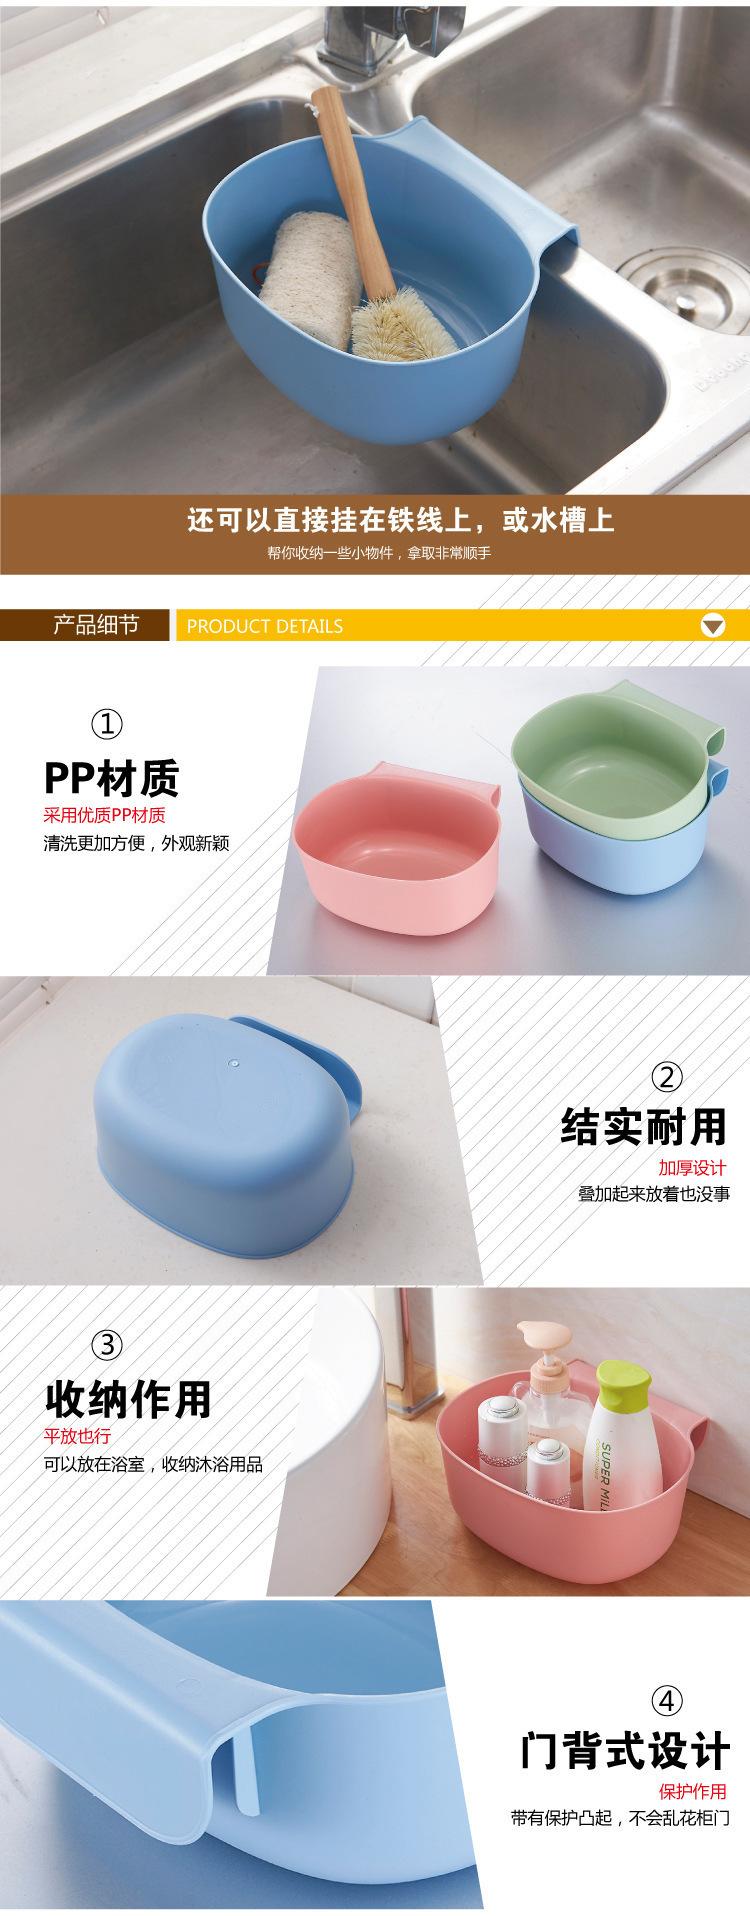 Yiwa Panier /à ordures de Mode pour Panier de Porte darmoires de Cuisine Poubelle Suspendue Peut Poubelle Poubelle Outil